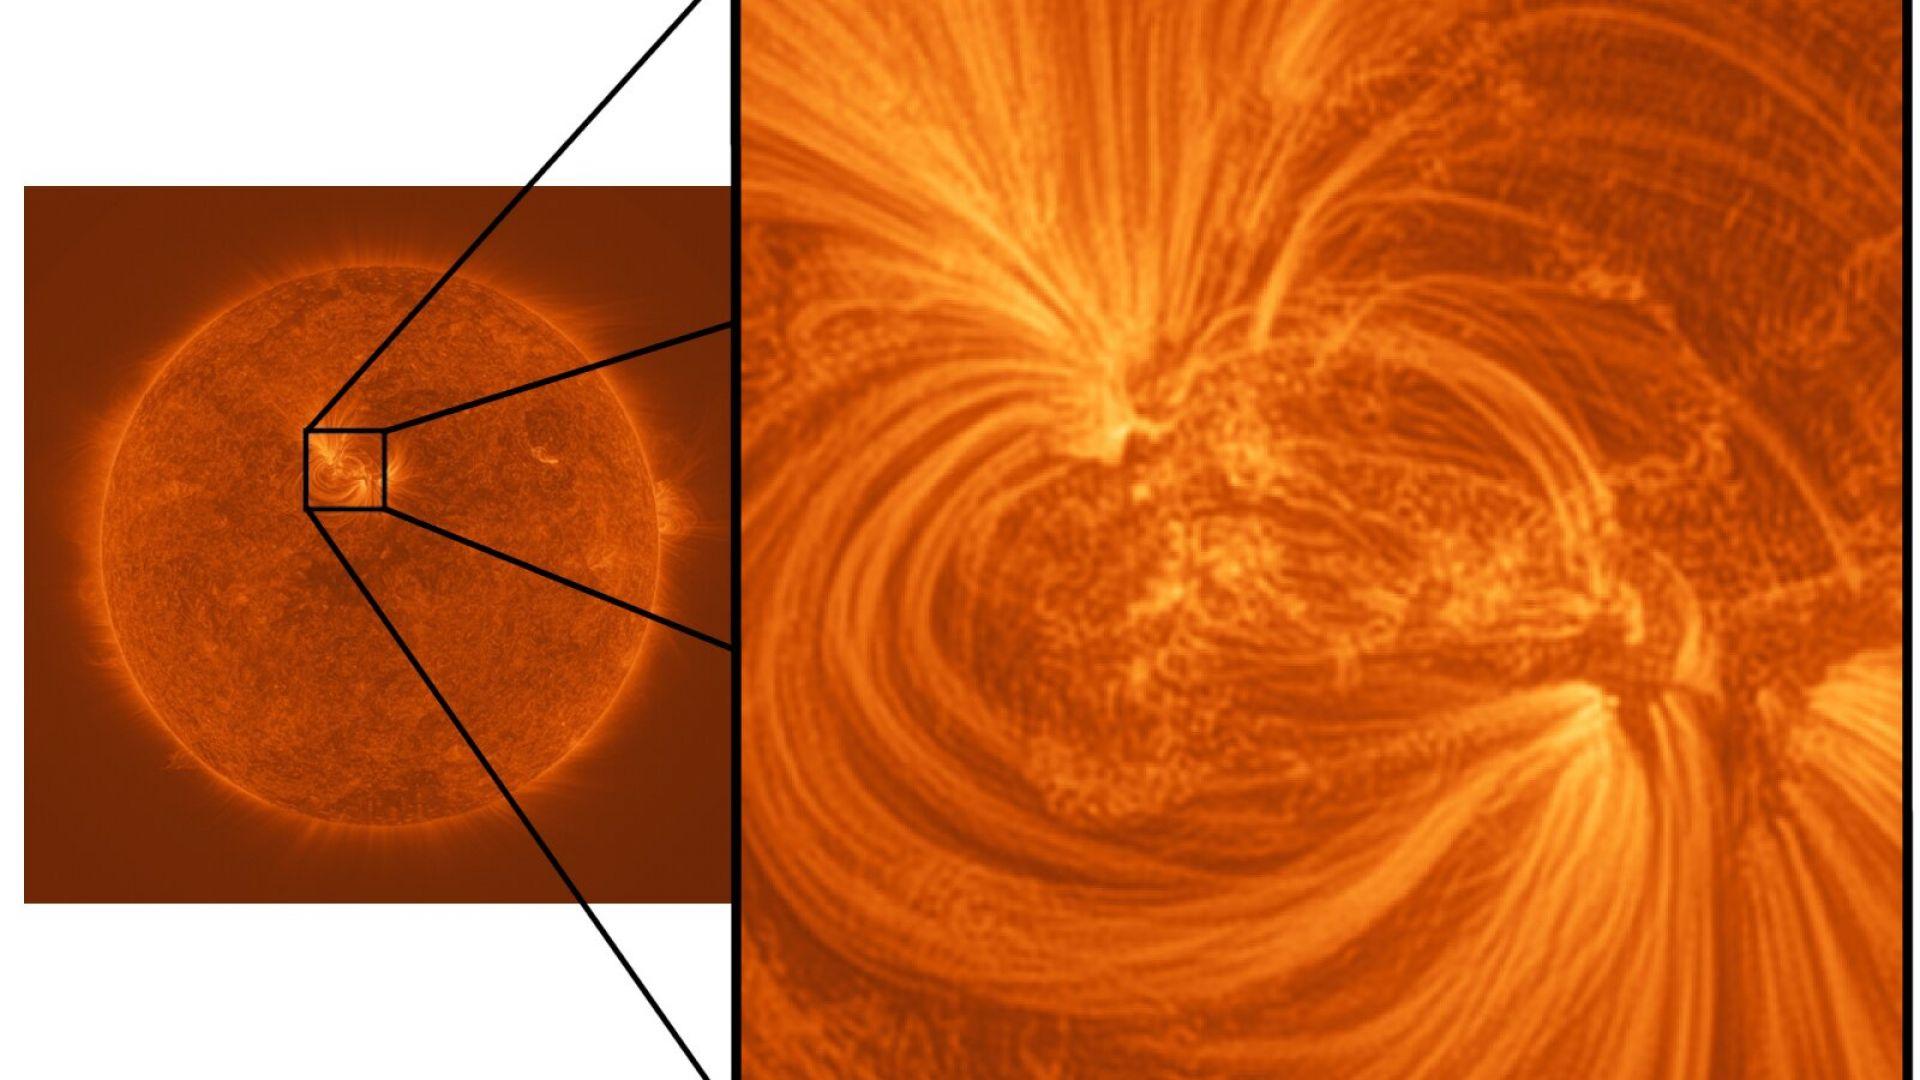 Учени направиха уникална снимка на Слънцето